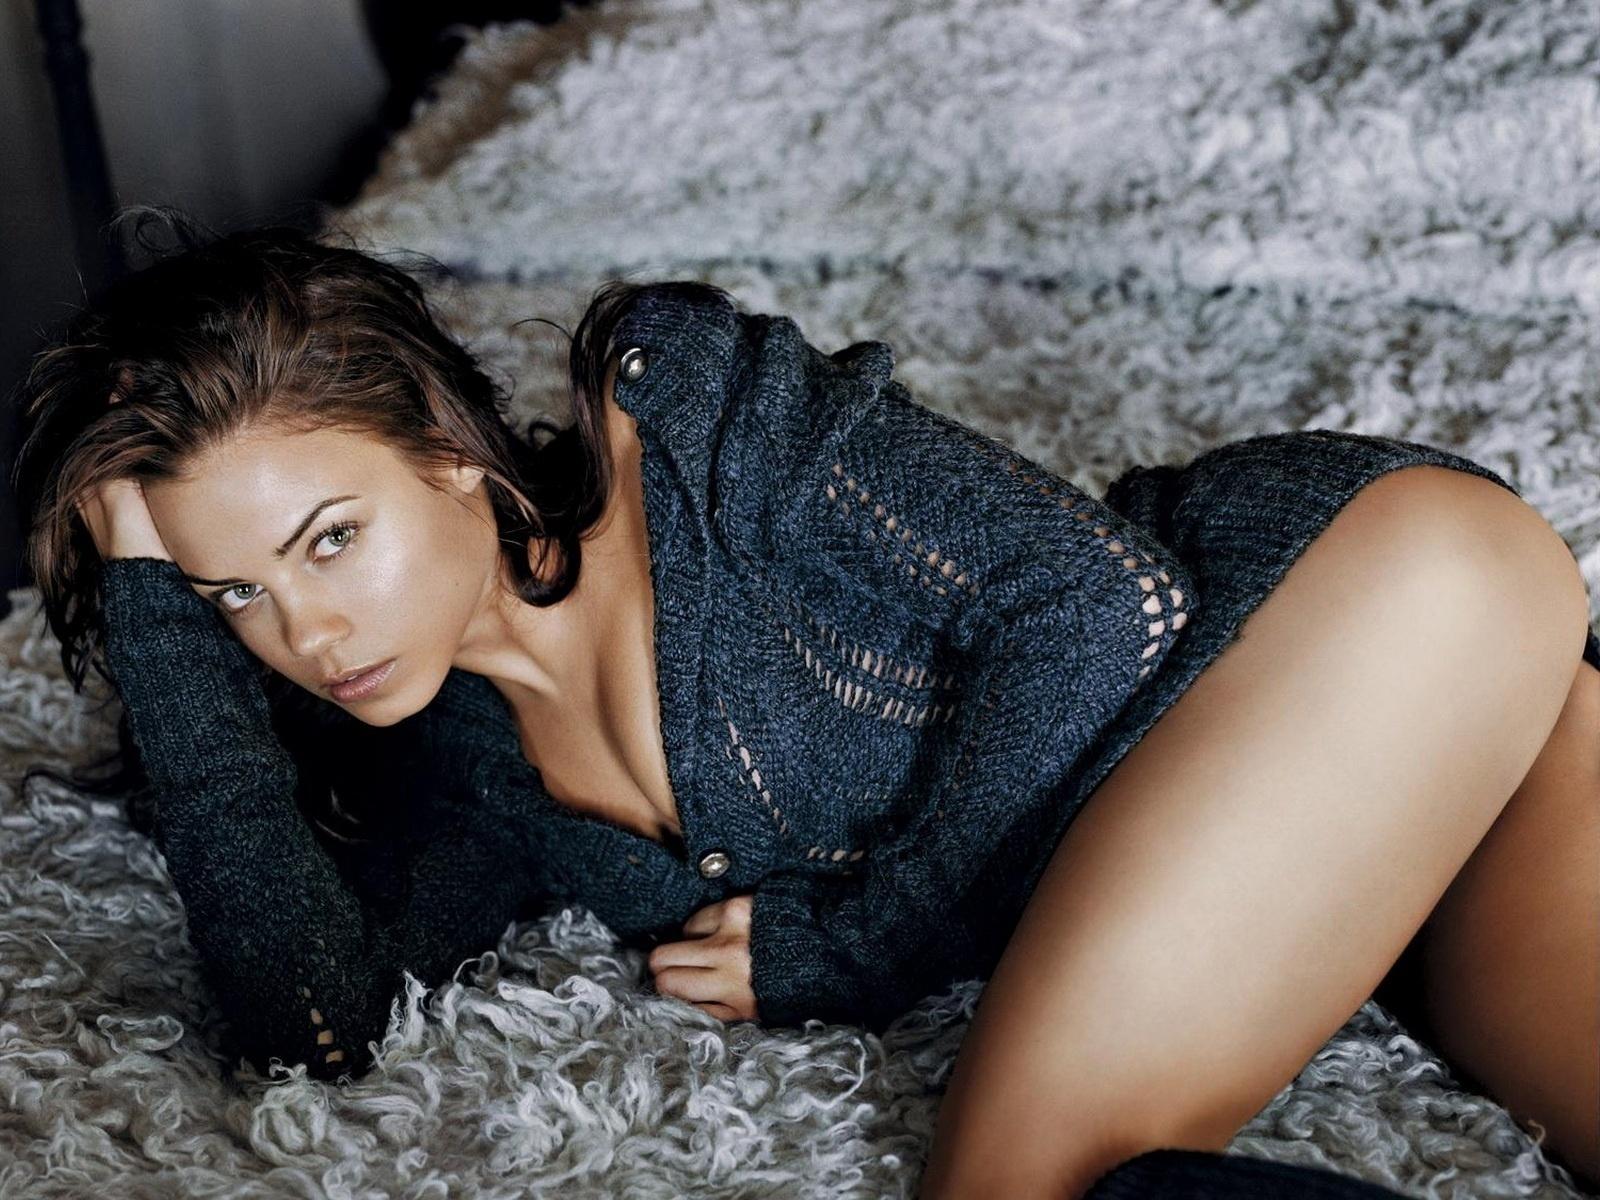 Jenna Dewan - jenna-dewan Wallpaper